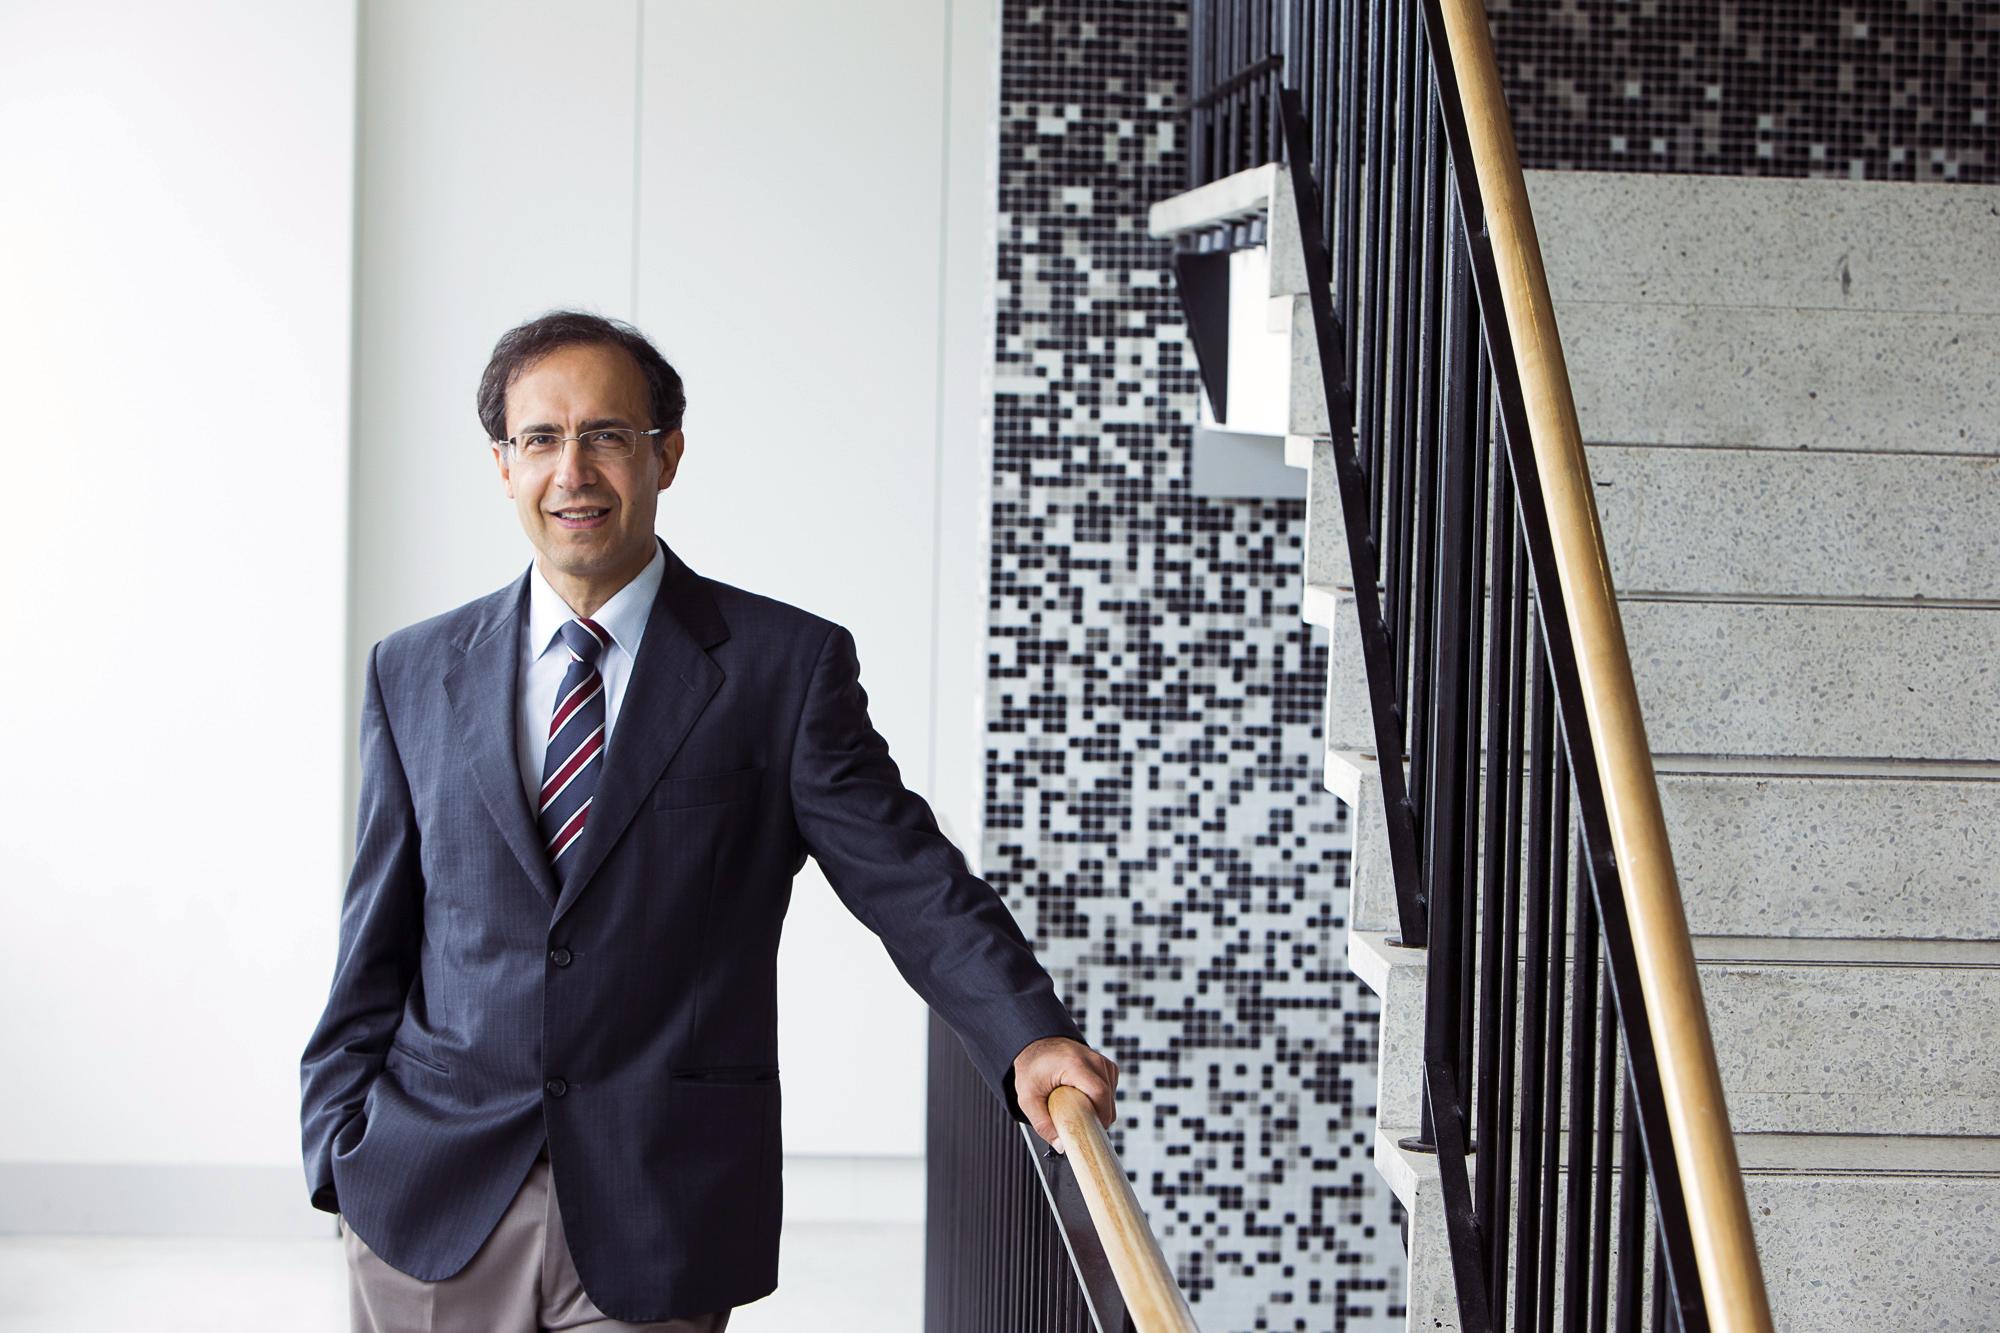 Professor Fariborz   Moshirian